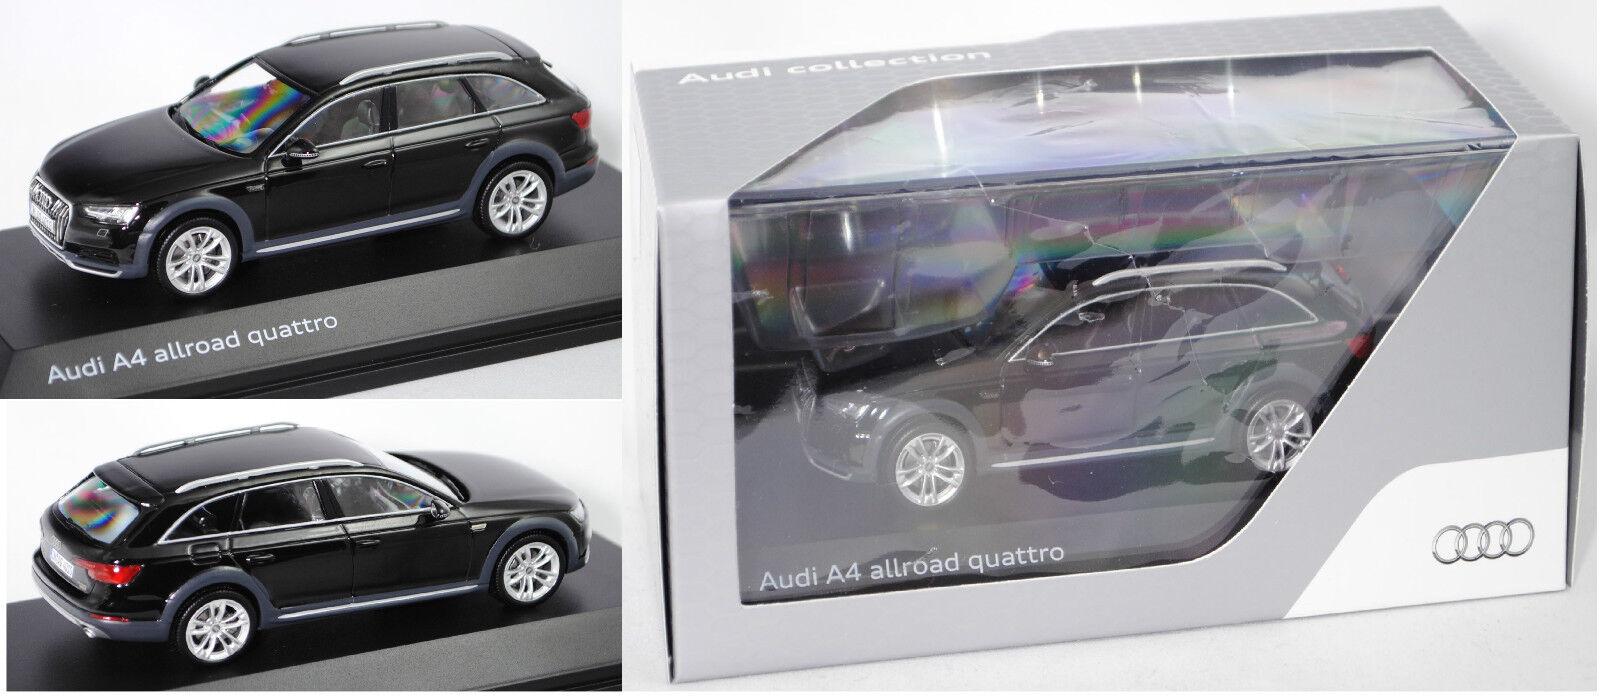 Minimax 5011504613 Audi A4 allroad quattro (B9, Typ 8W), 1 43 Werbeschachtel  | Großer Räumungsverkauf